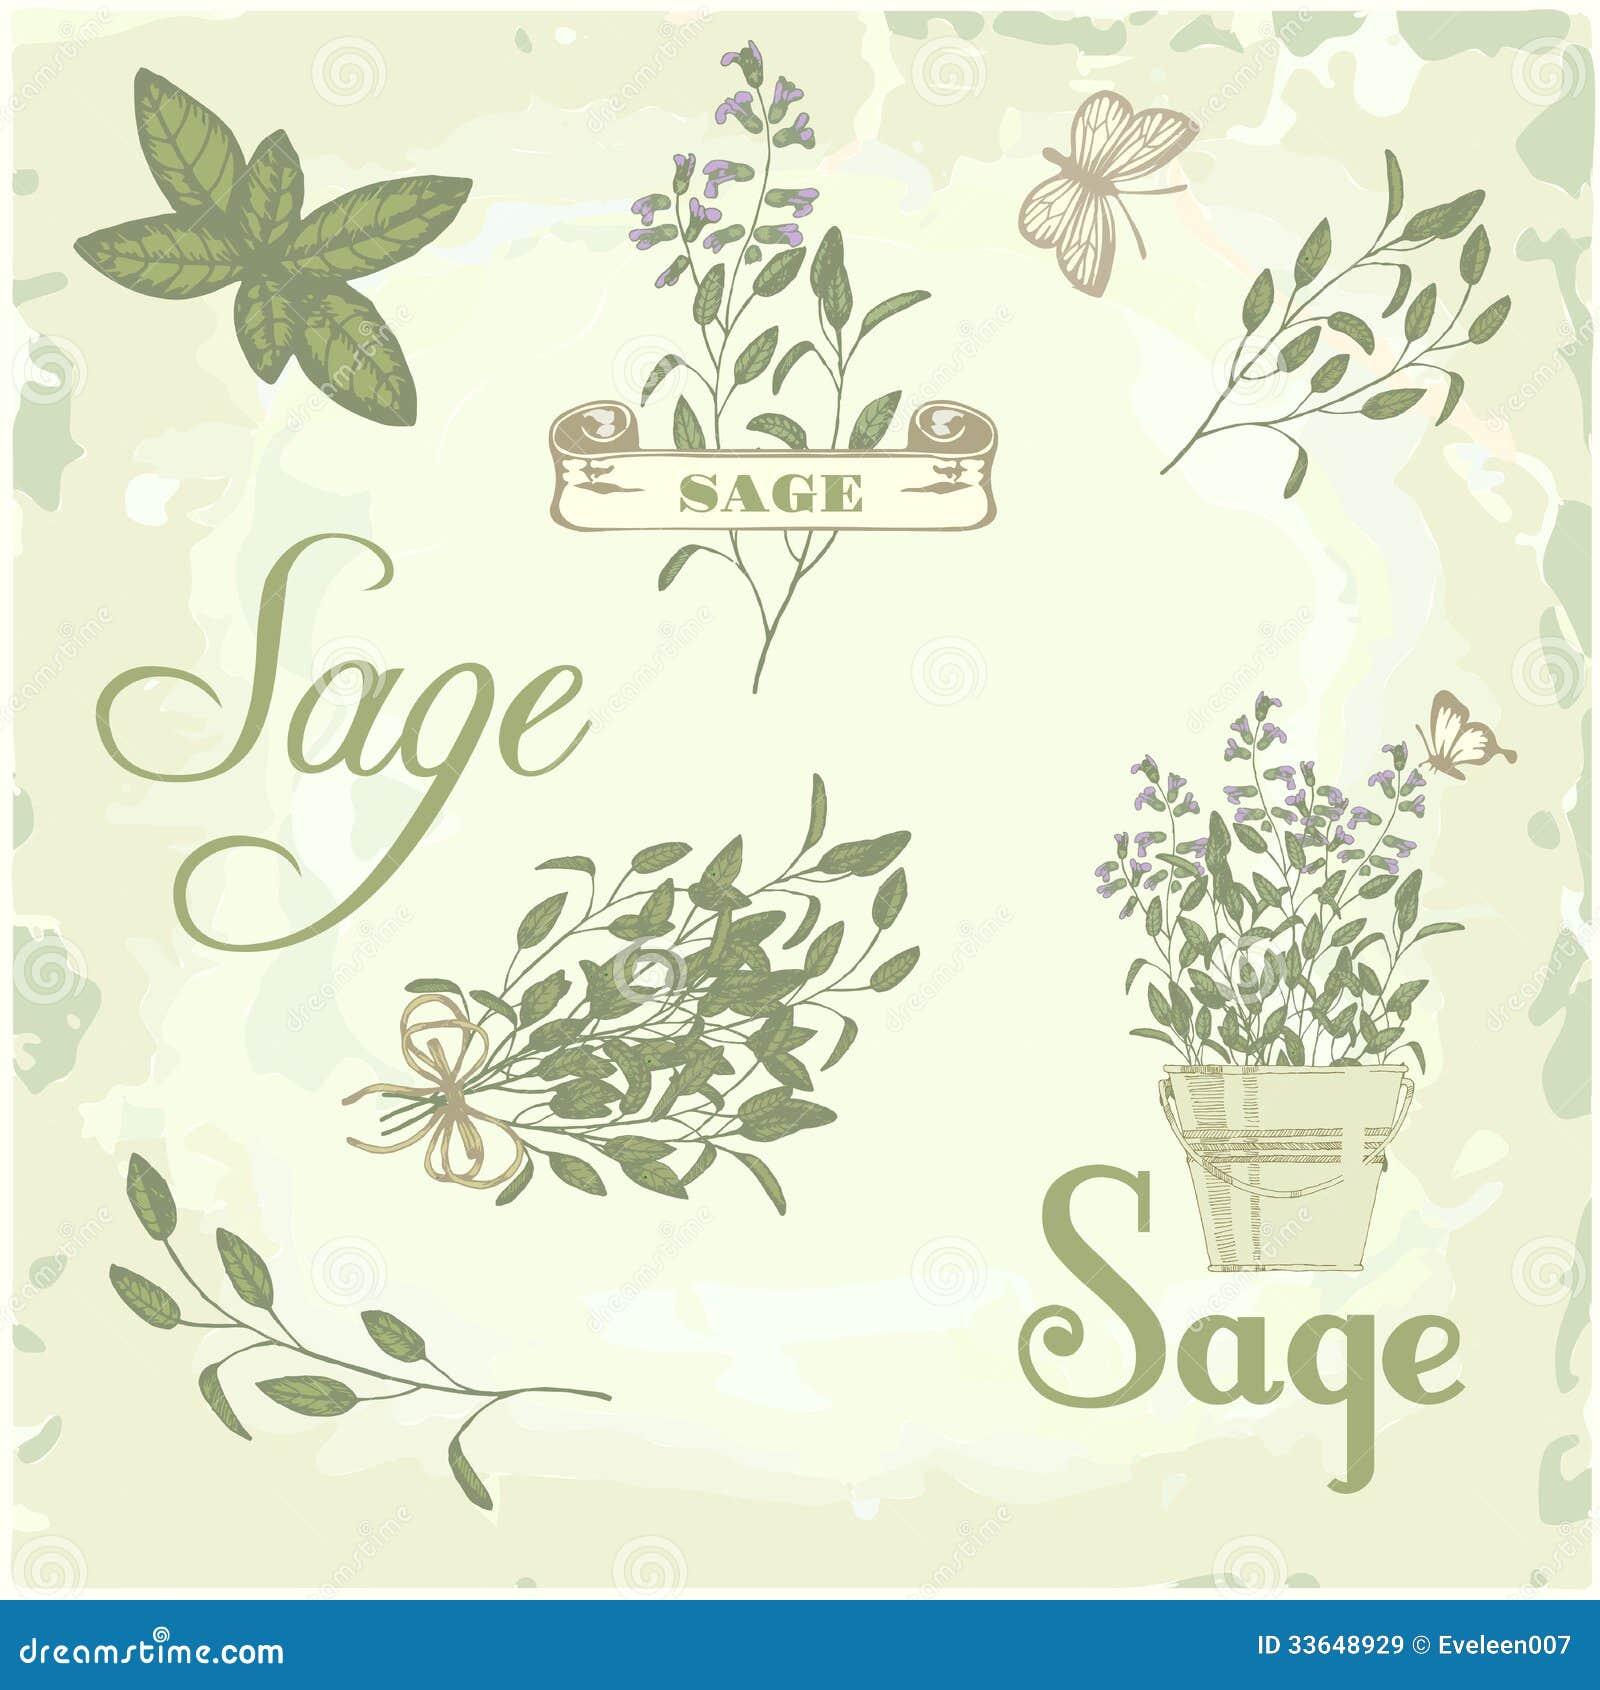 Sage Illustration Sage, Salvia, Clary Sa...